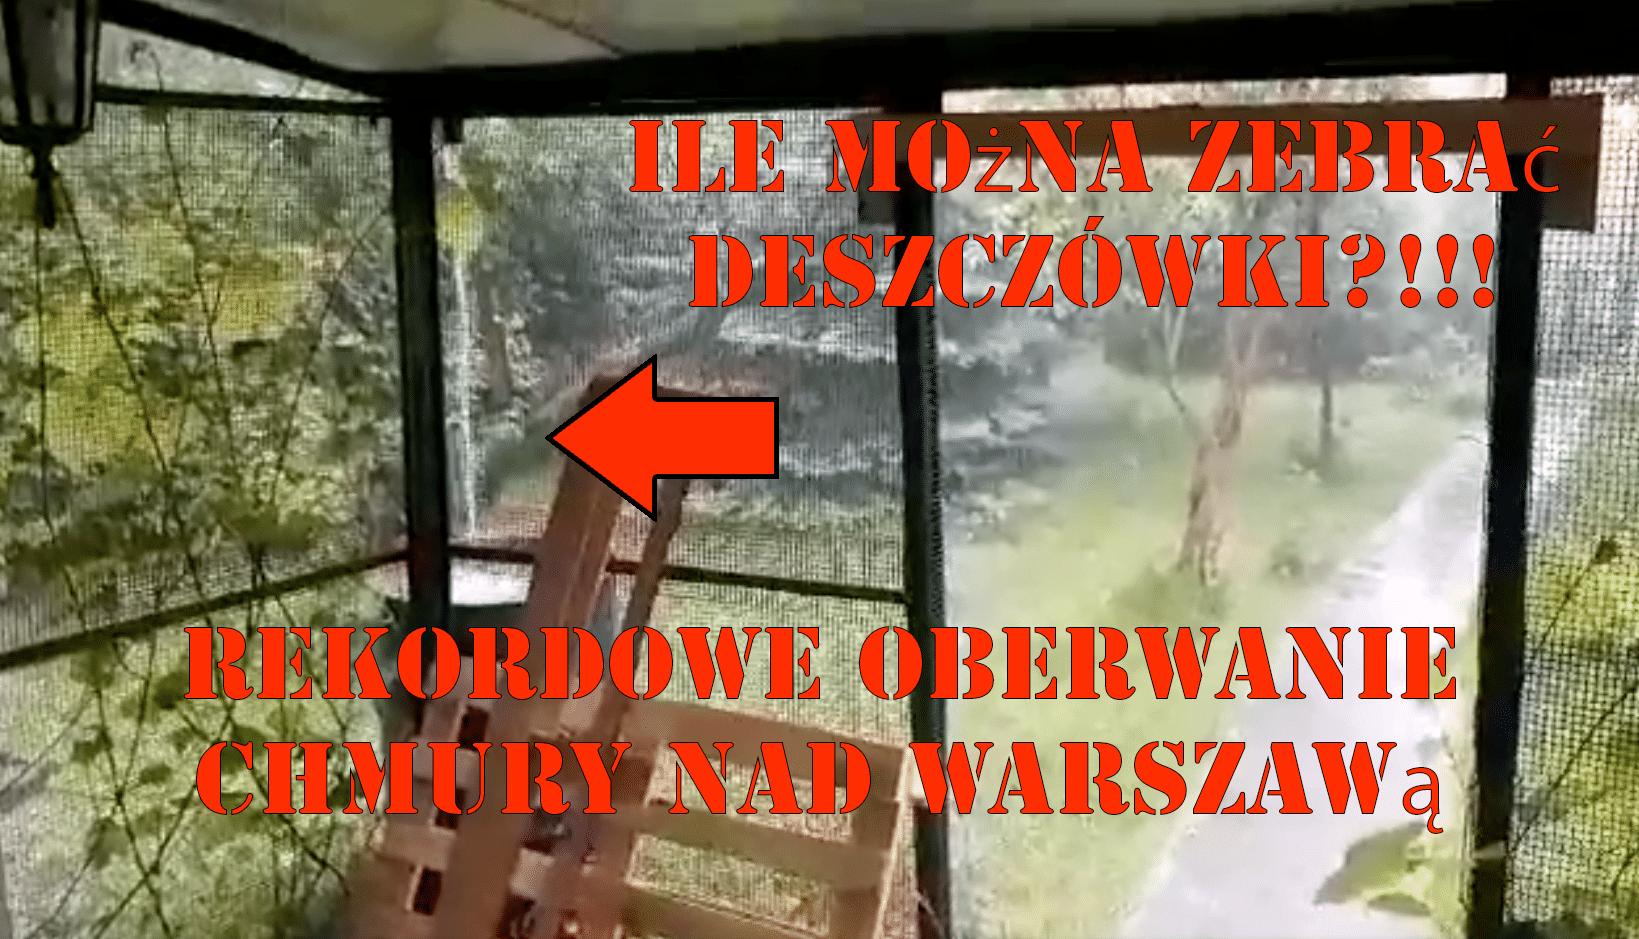 Ile można zebrać deszczówki? Rekordowa ulewa w Warszawie - wideo (ilustracja)